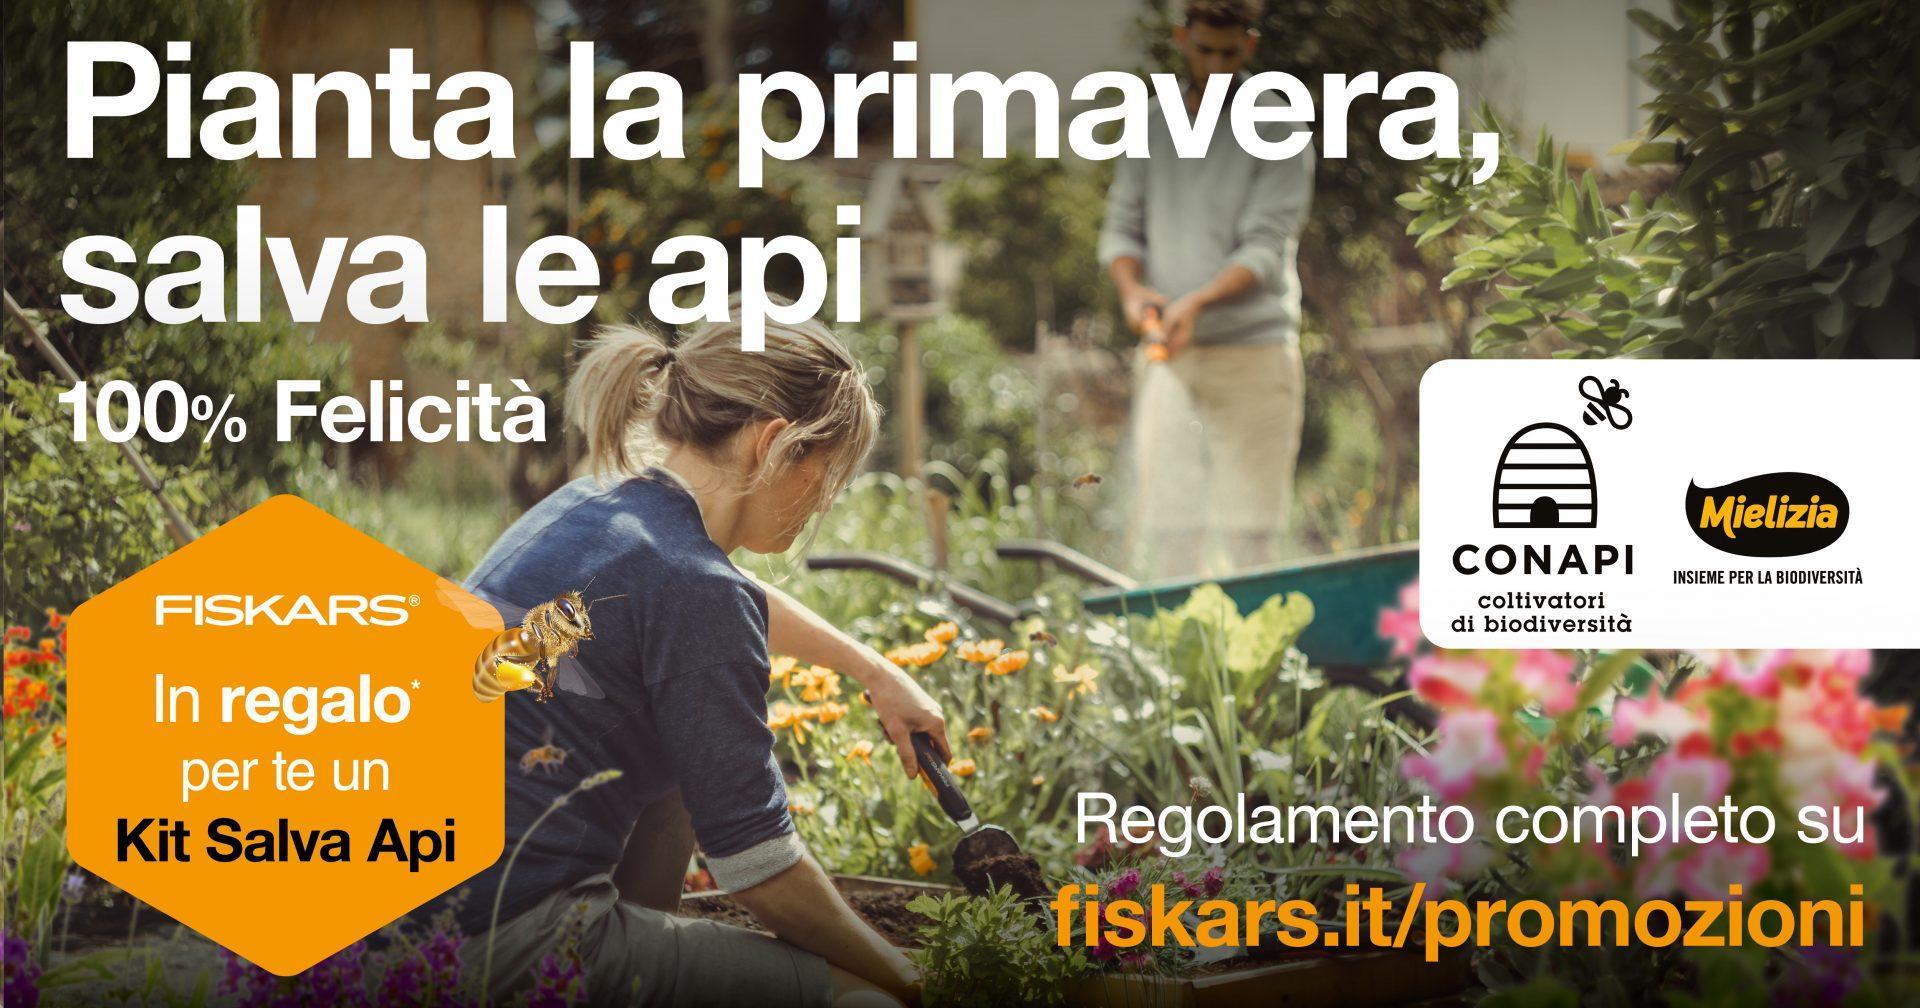 Fiskars e Conapi Mielizia insieme per la biodiversità con  il Kit Salva Api